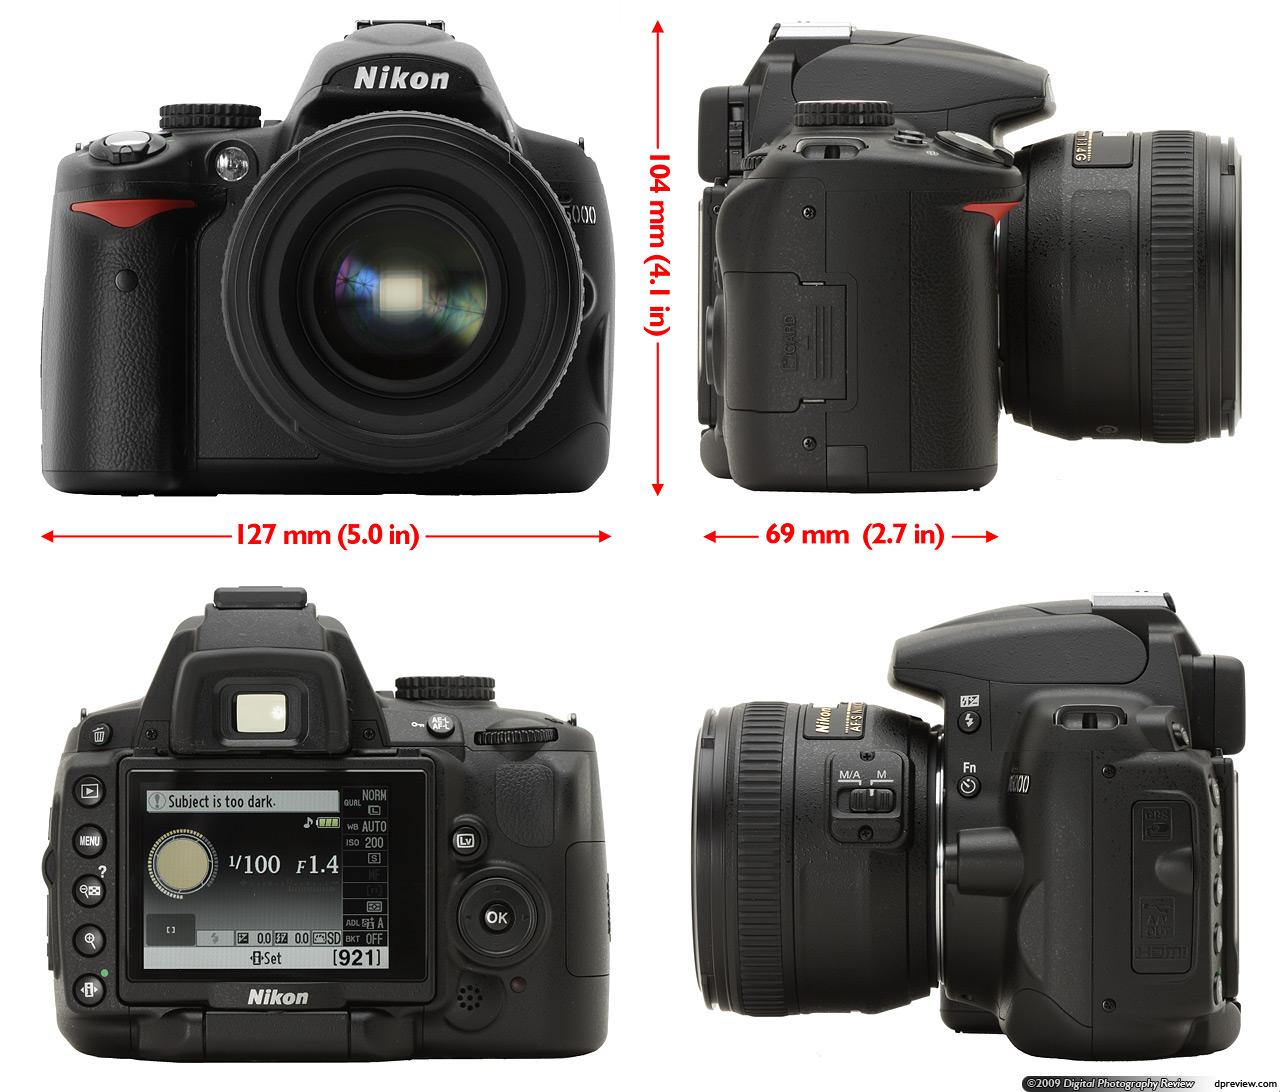 memilih dan membeli kamera digital slr dslr merupakan hal yang